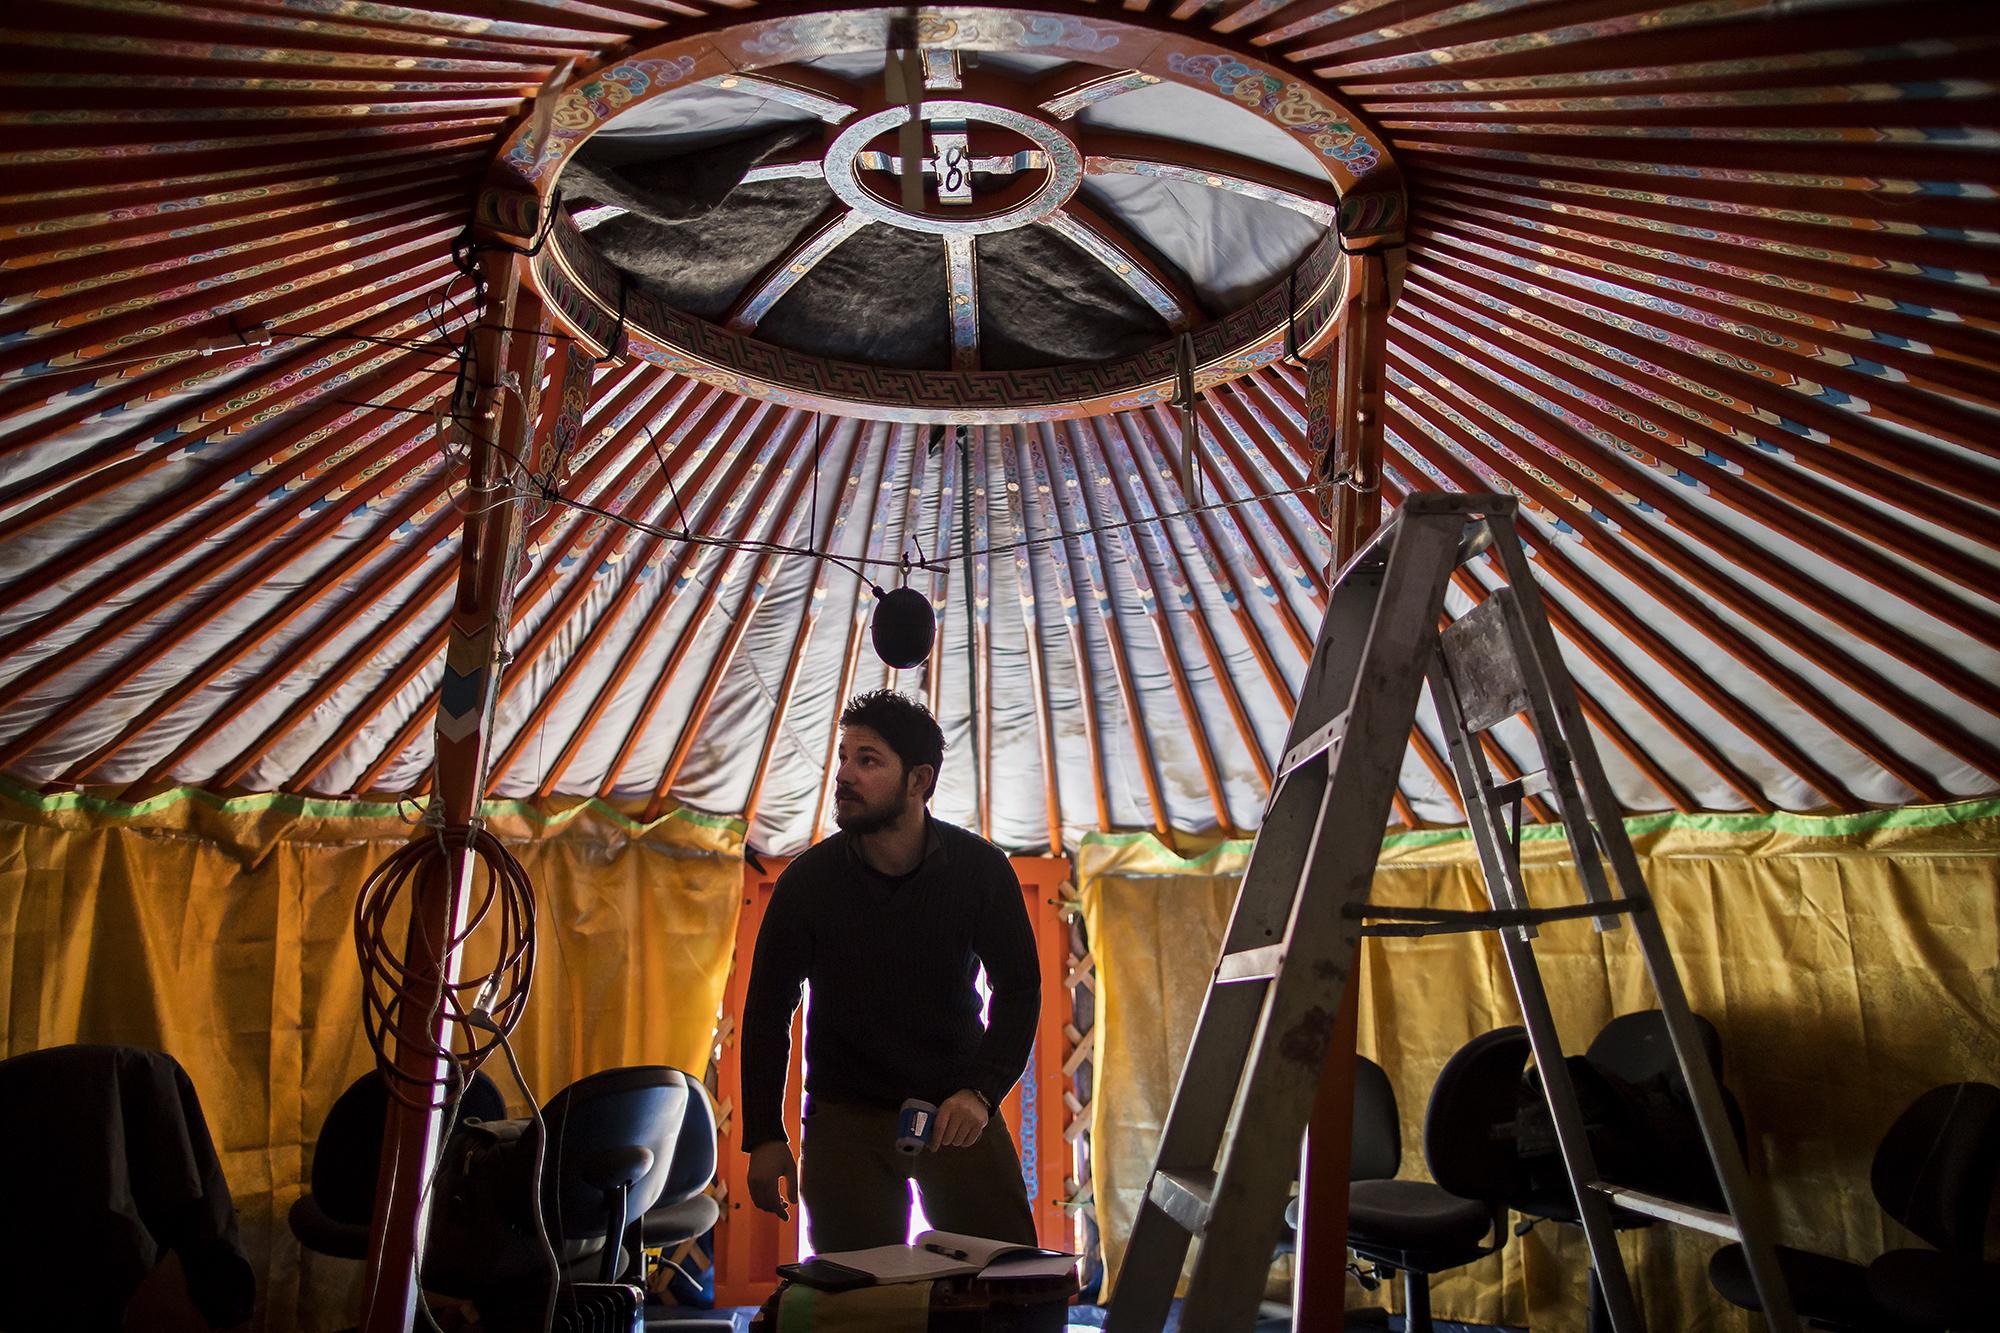 Making Mongolian ger dwellings...